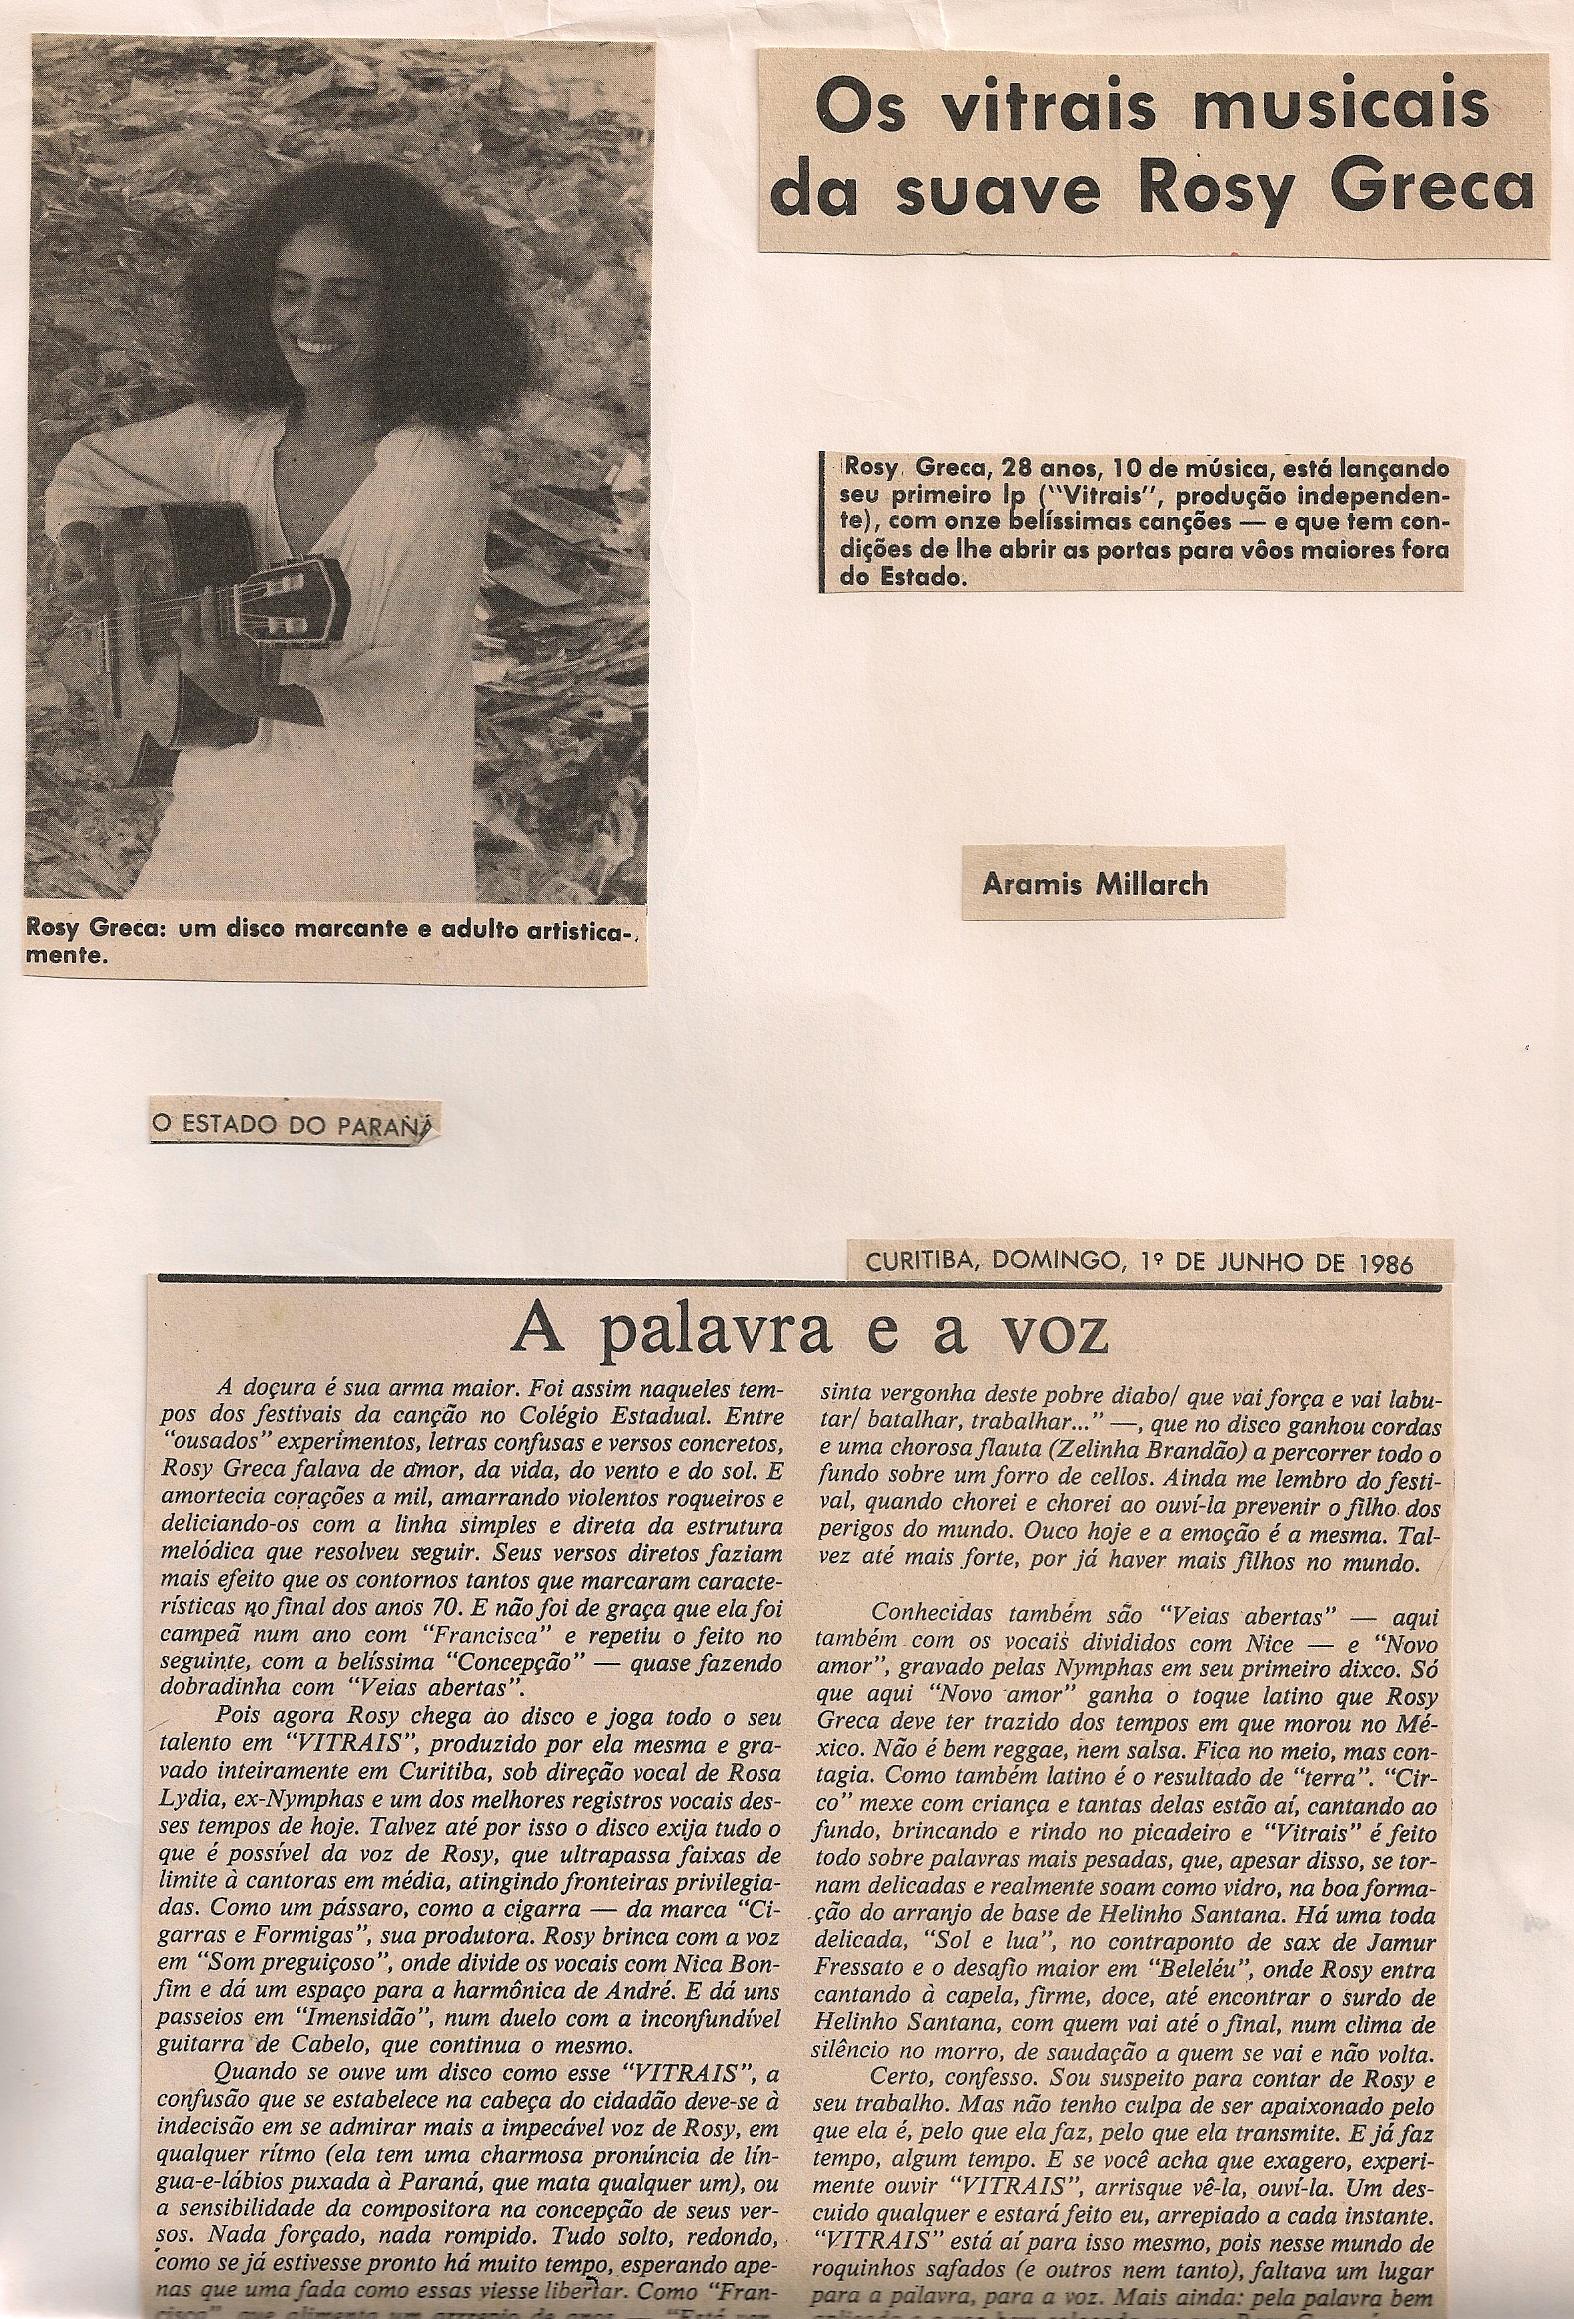 Os vitrais musicais da suave Rosy Greca, O Estado do Paraná, 1986